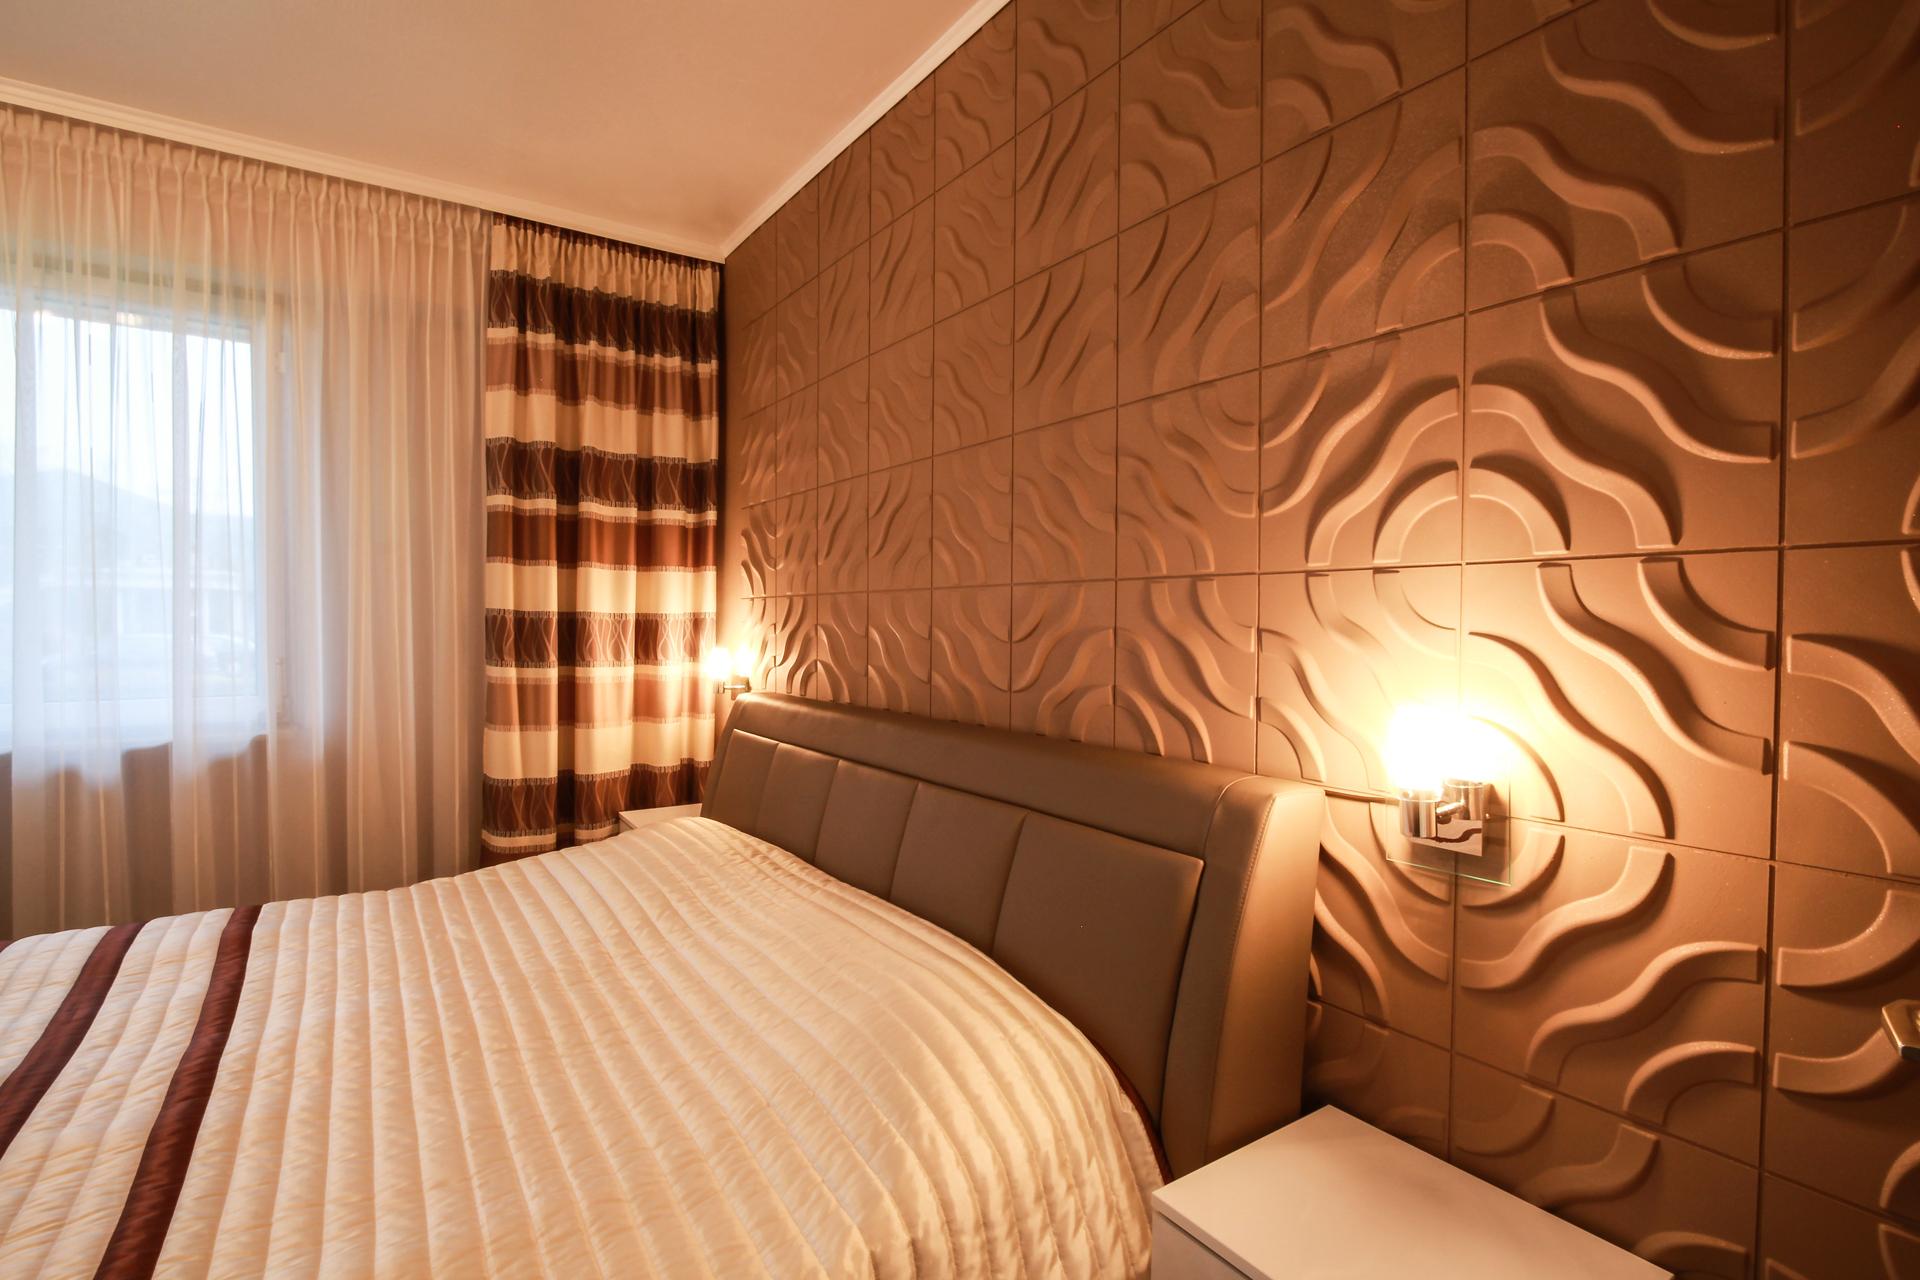 Wandverkleidung Modern Schlafzimmer Laminat In Grau Und Holz ...